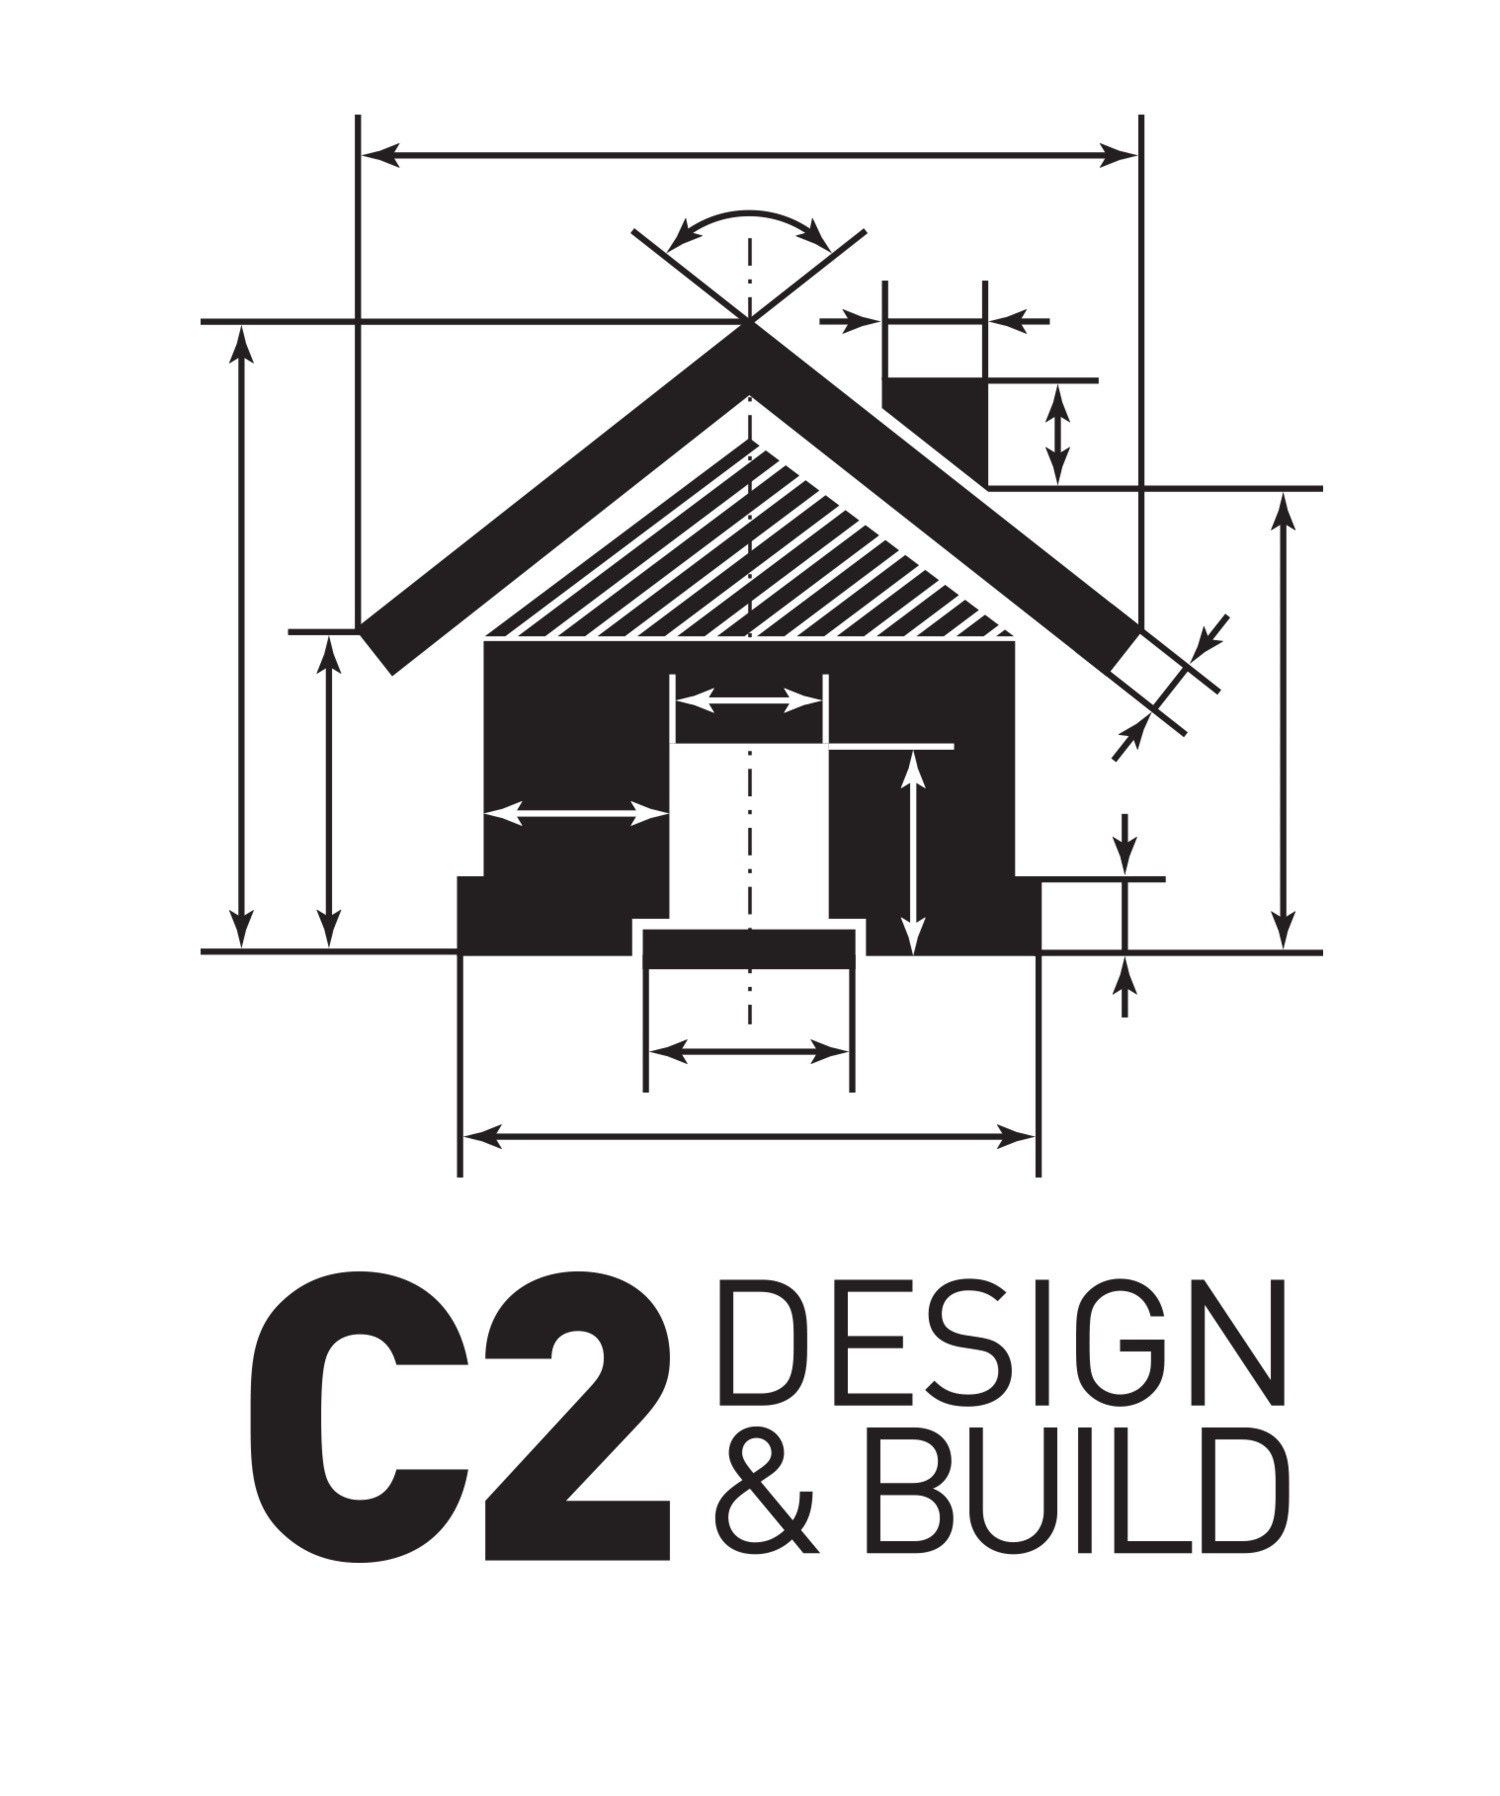 c2 design and build logo